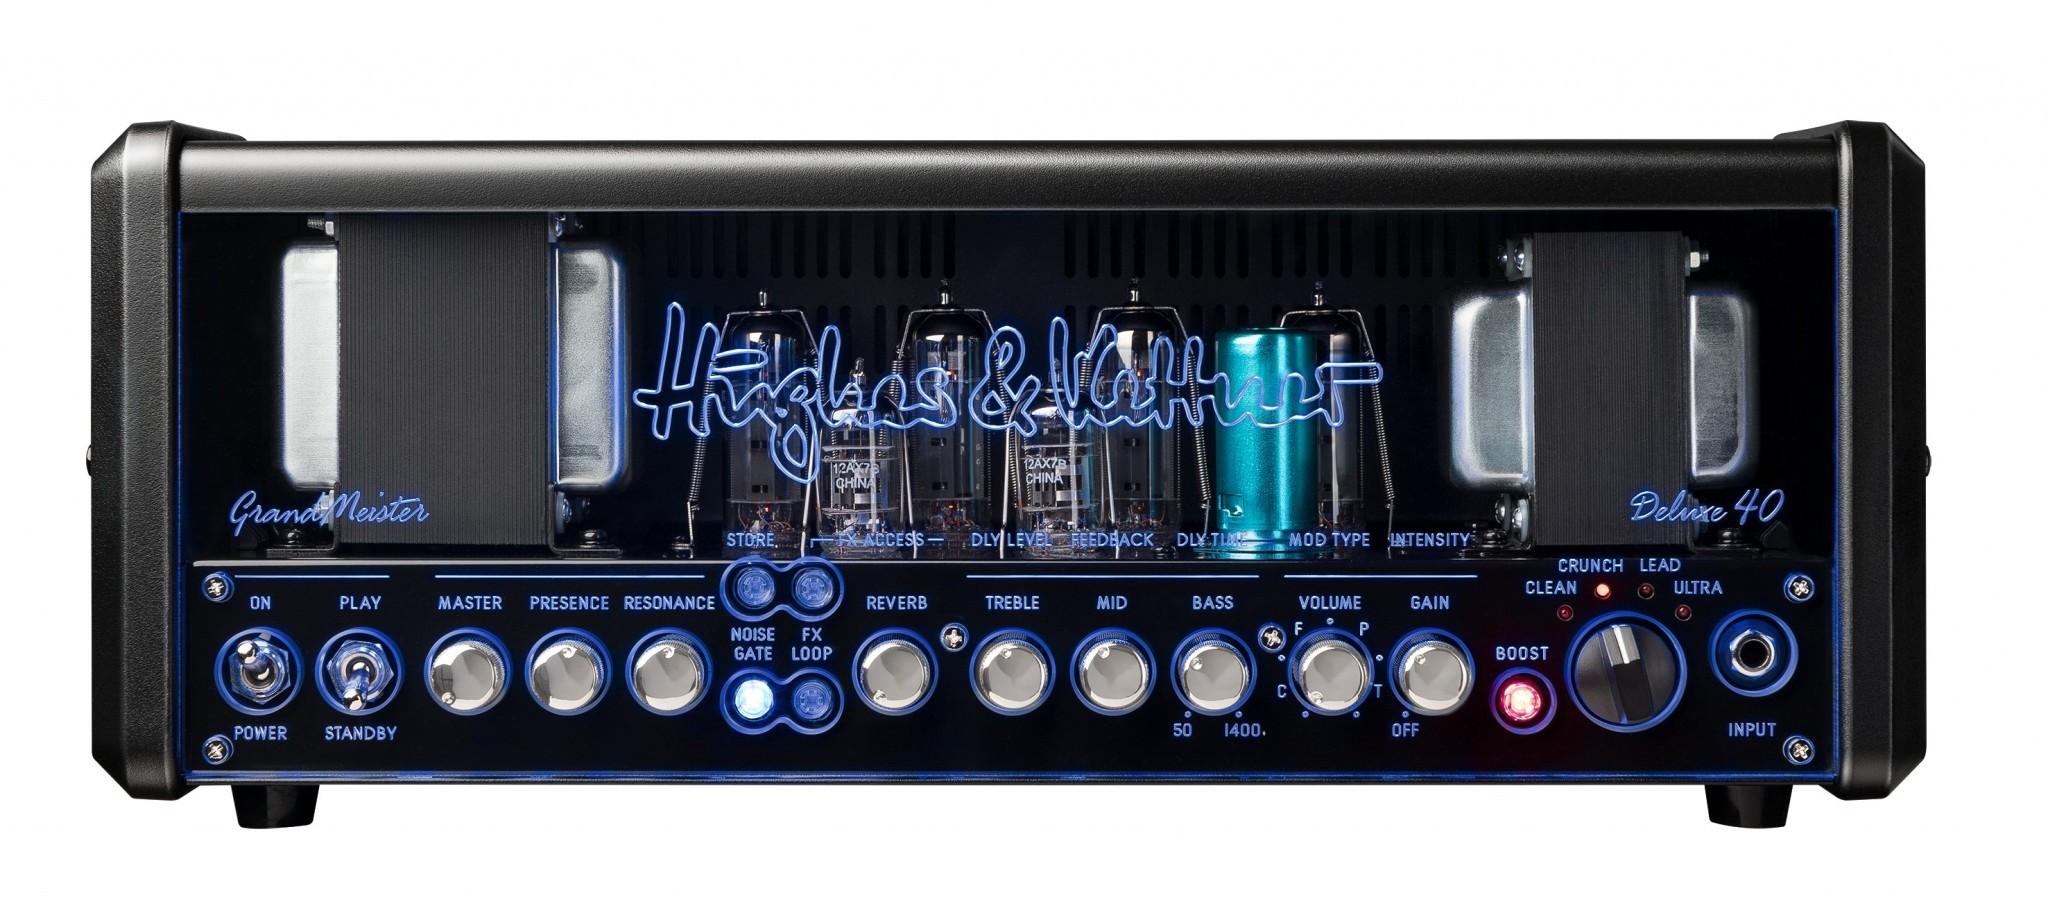 Hughes + Kettner Grandmeister Deluxe 40